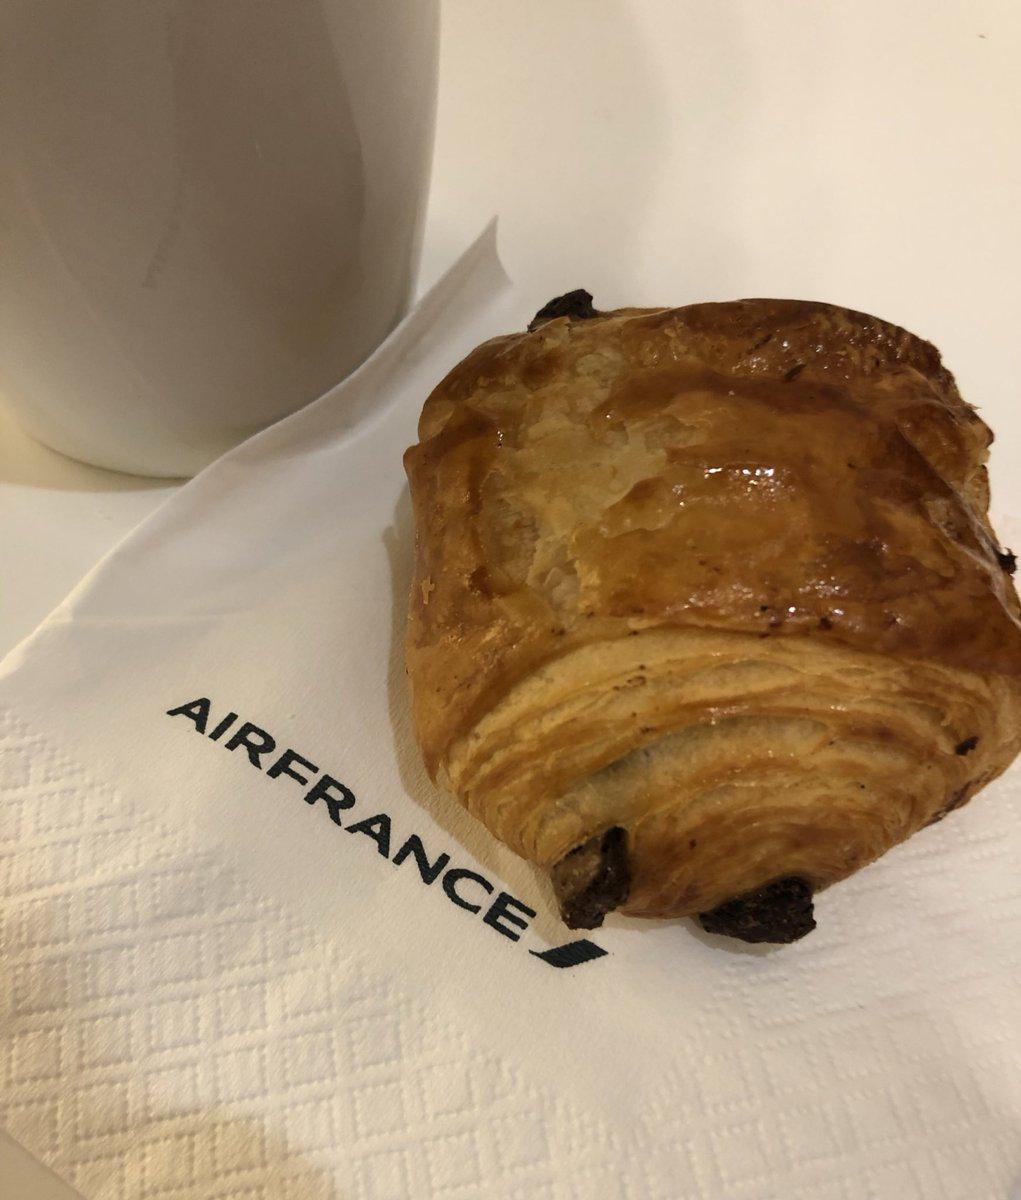 test ツイッターメディア - Merci @AirFranceFR  Un petit pain au chocolat et ça repart! #teampainauchocolat https://t.co/I6iHdKUU44